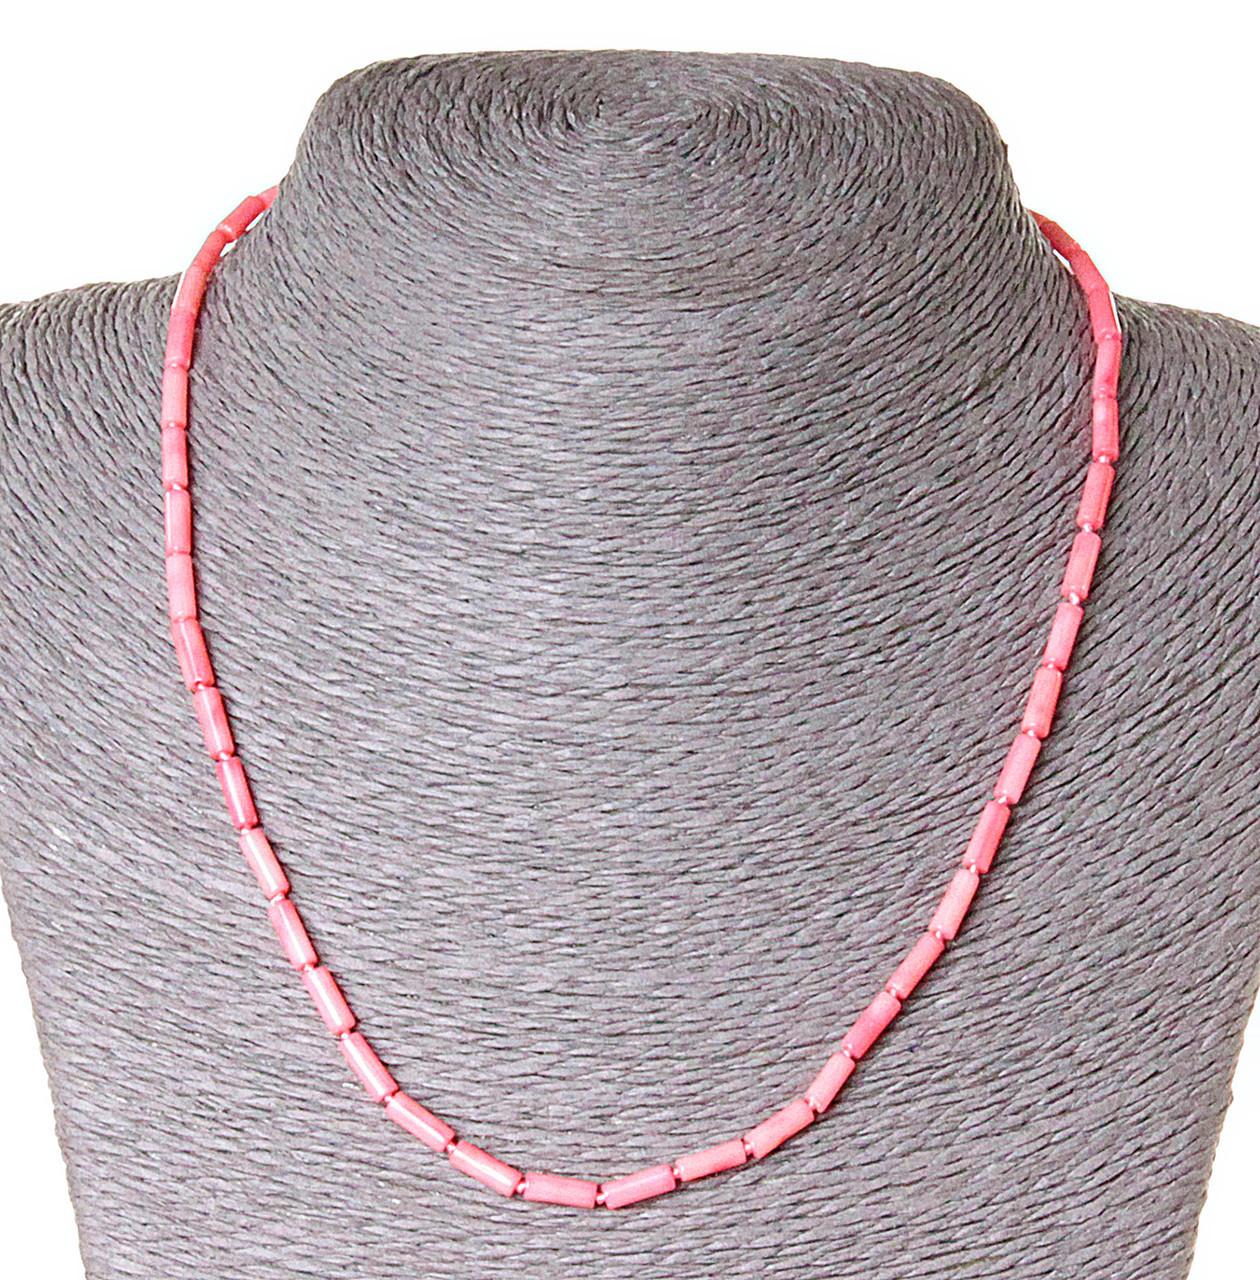 Бусы из натуральных камней коралл розовый, бусины  трубочки 3,5х9 - ☆SOUVENIRS☆ - интернет магазин бижутерии, фурнитуры и украшений в Одессе